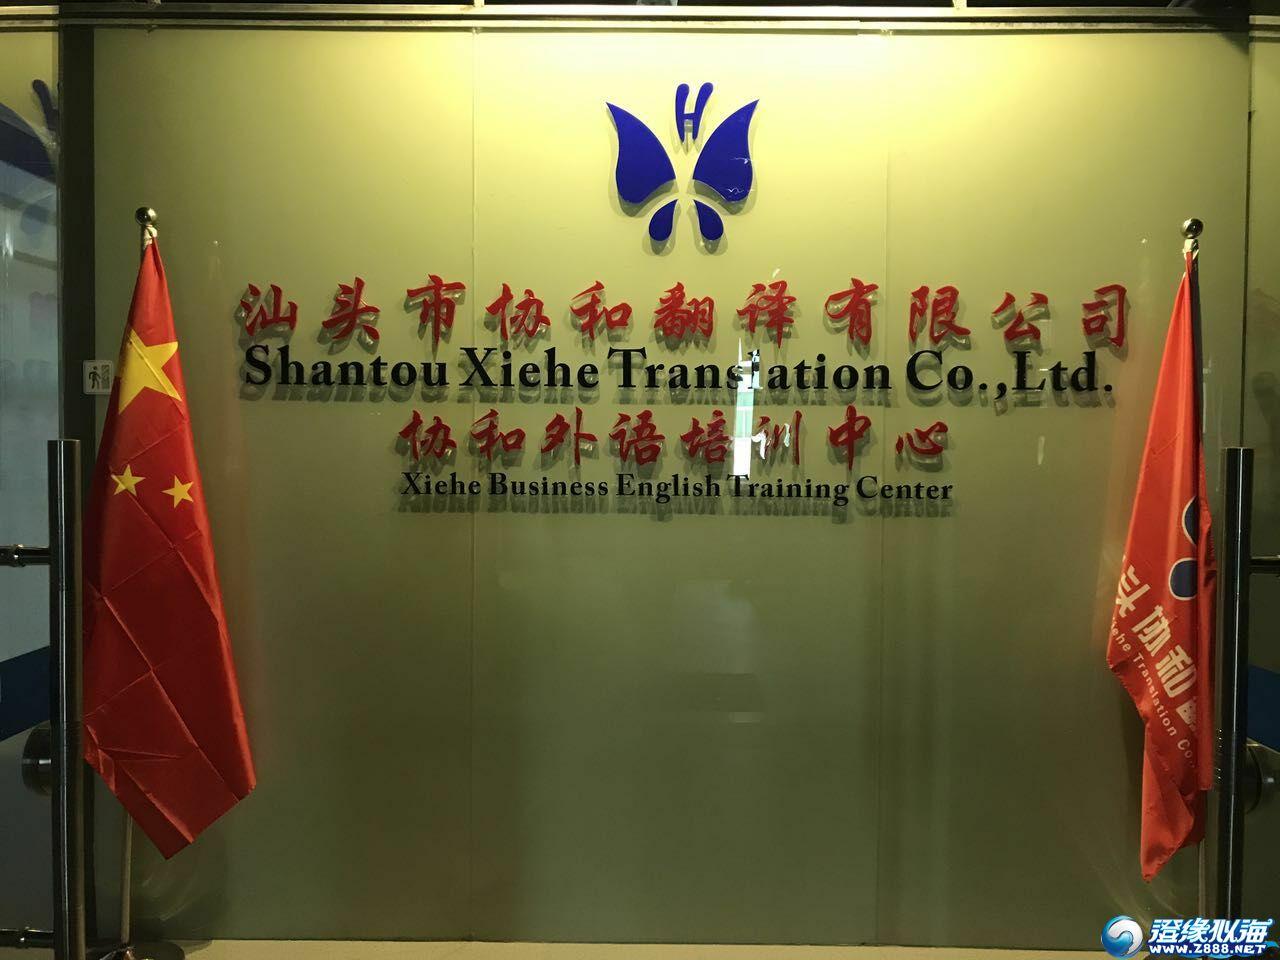 汕头市协和翻译有限公司专业提供外语翻译、外语培训业务